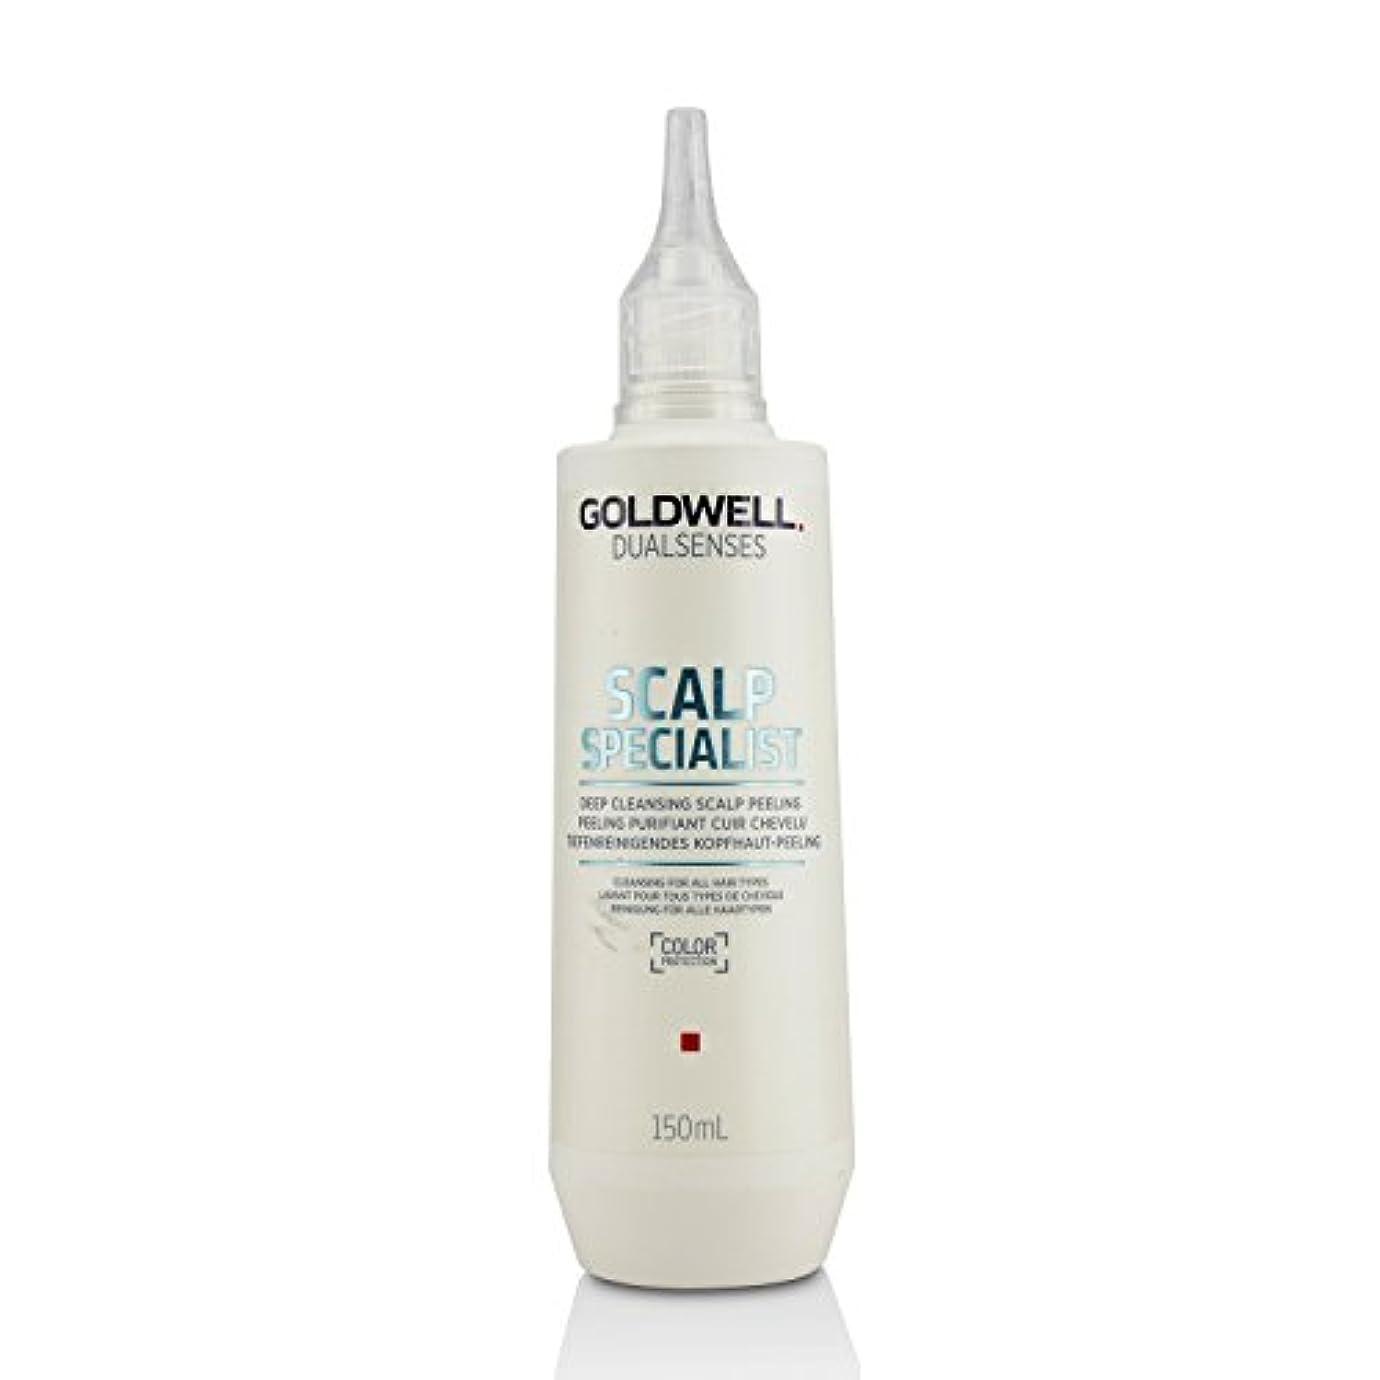 激しい代わって三ゴールドウェル Dual Senses Scalp Specialist Deep Cleansing Scalp Peeling (Cleansing For All Hair Types) 150ml/5oz並行輸入品